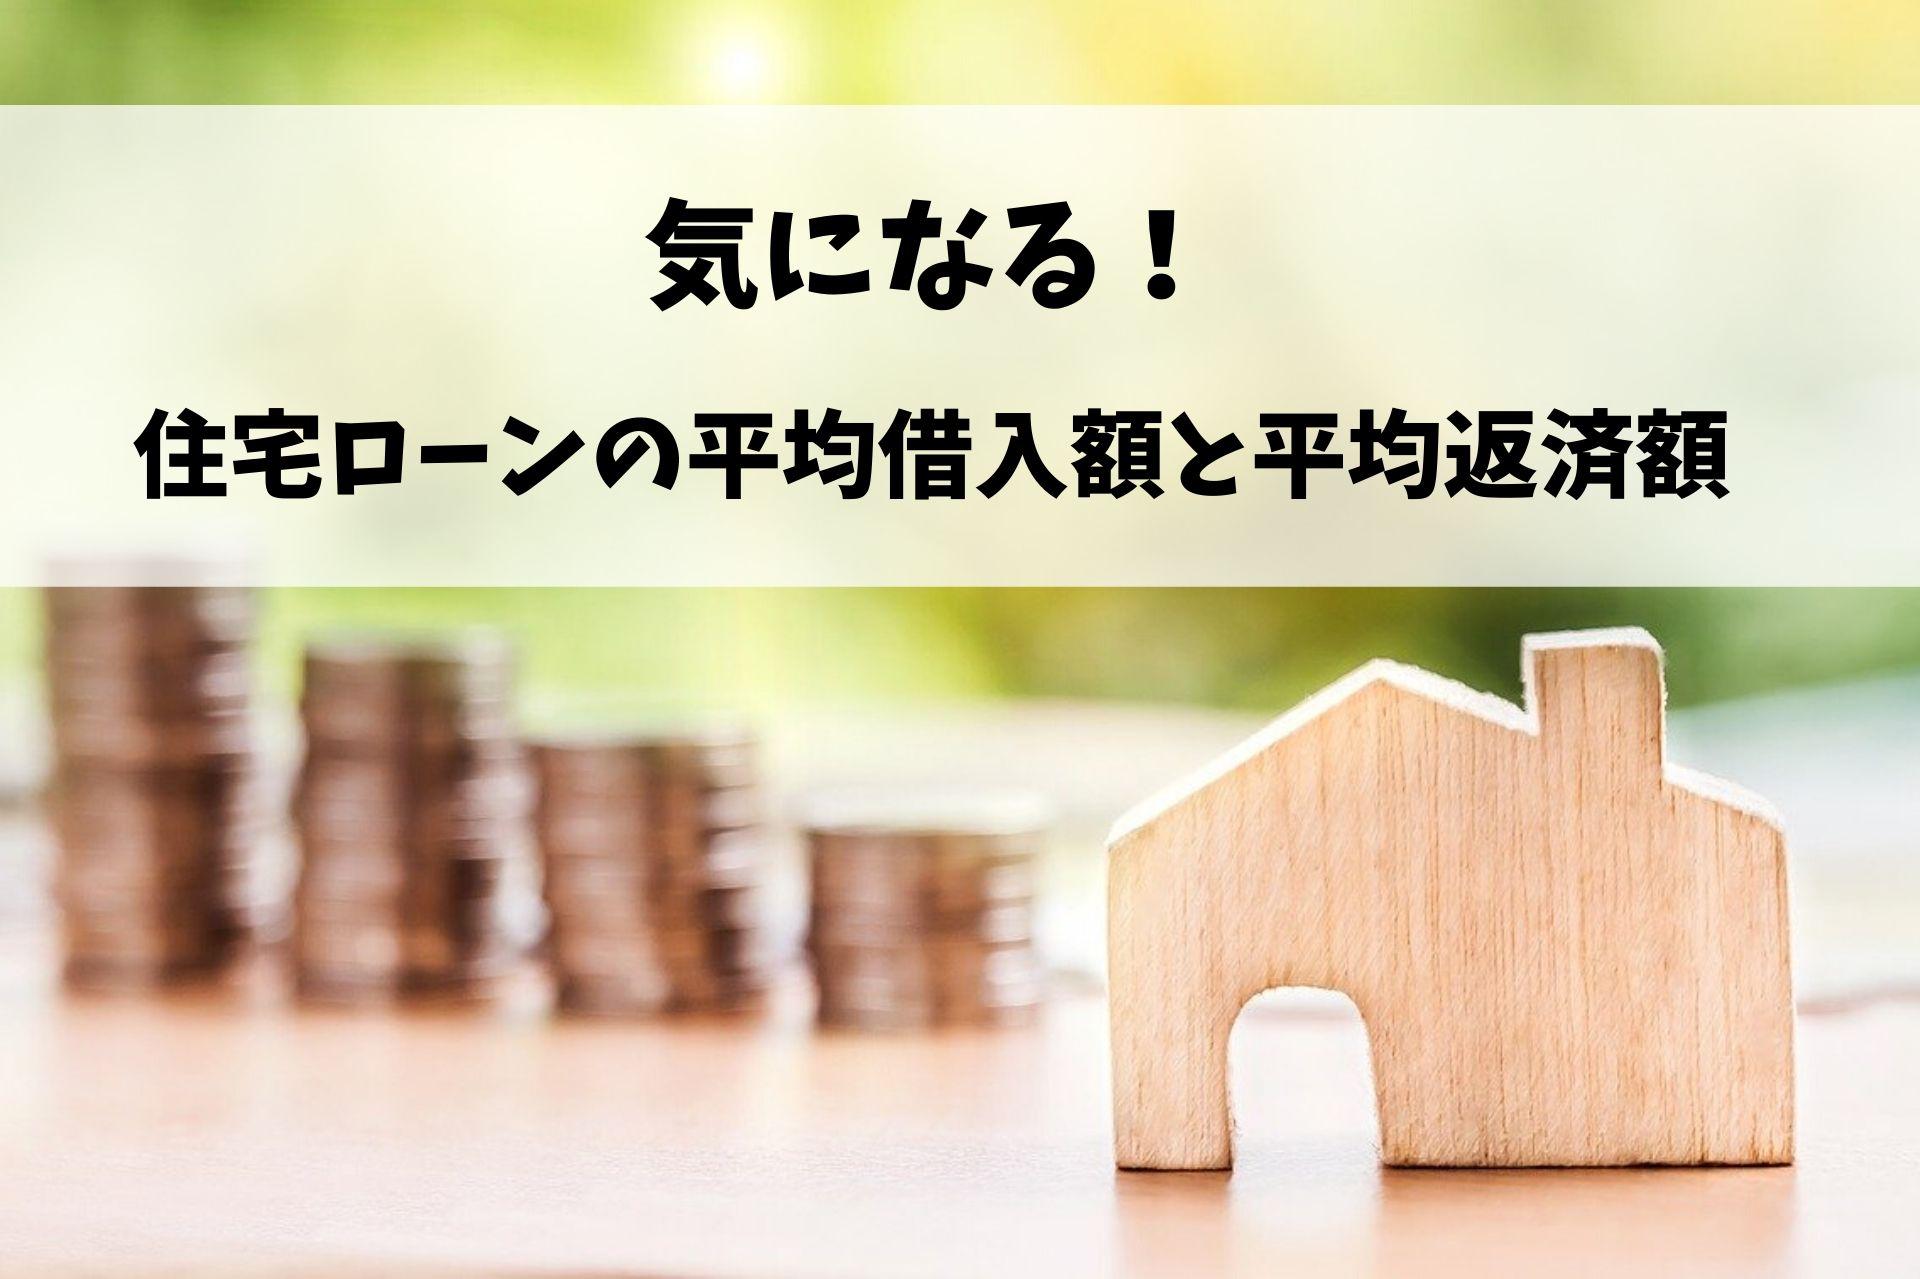 気になる!住宅ローンの平均借入額と平均返済額